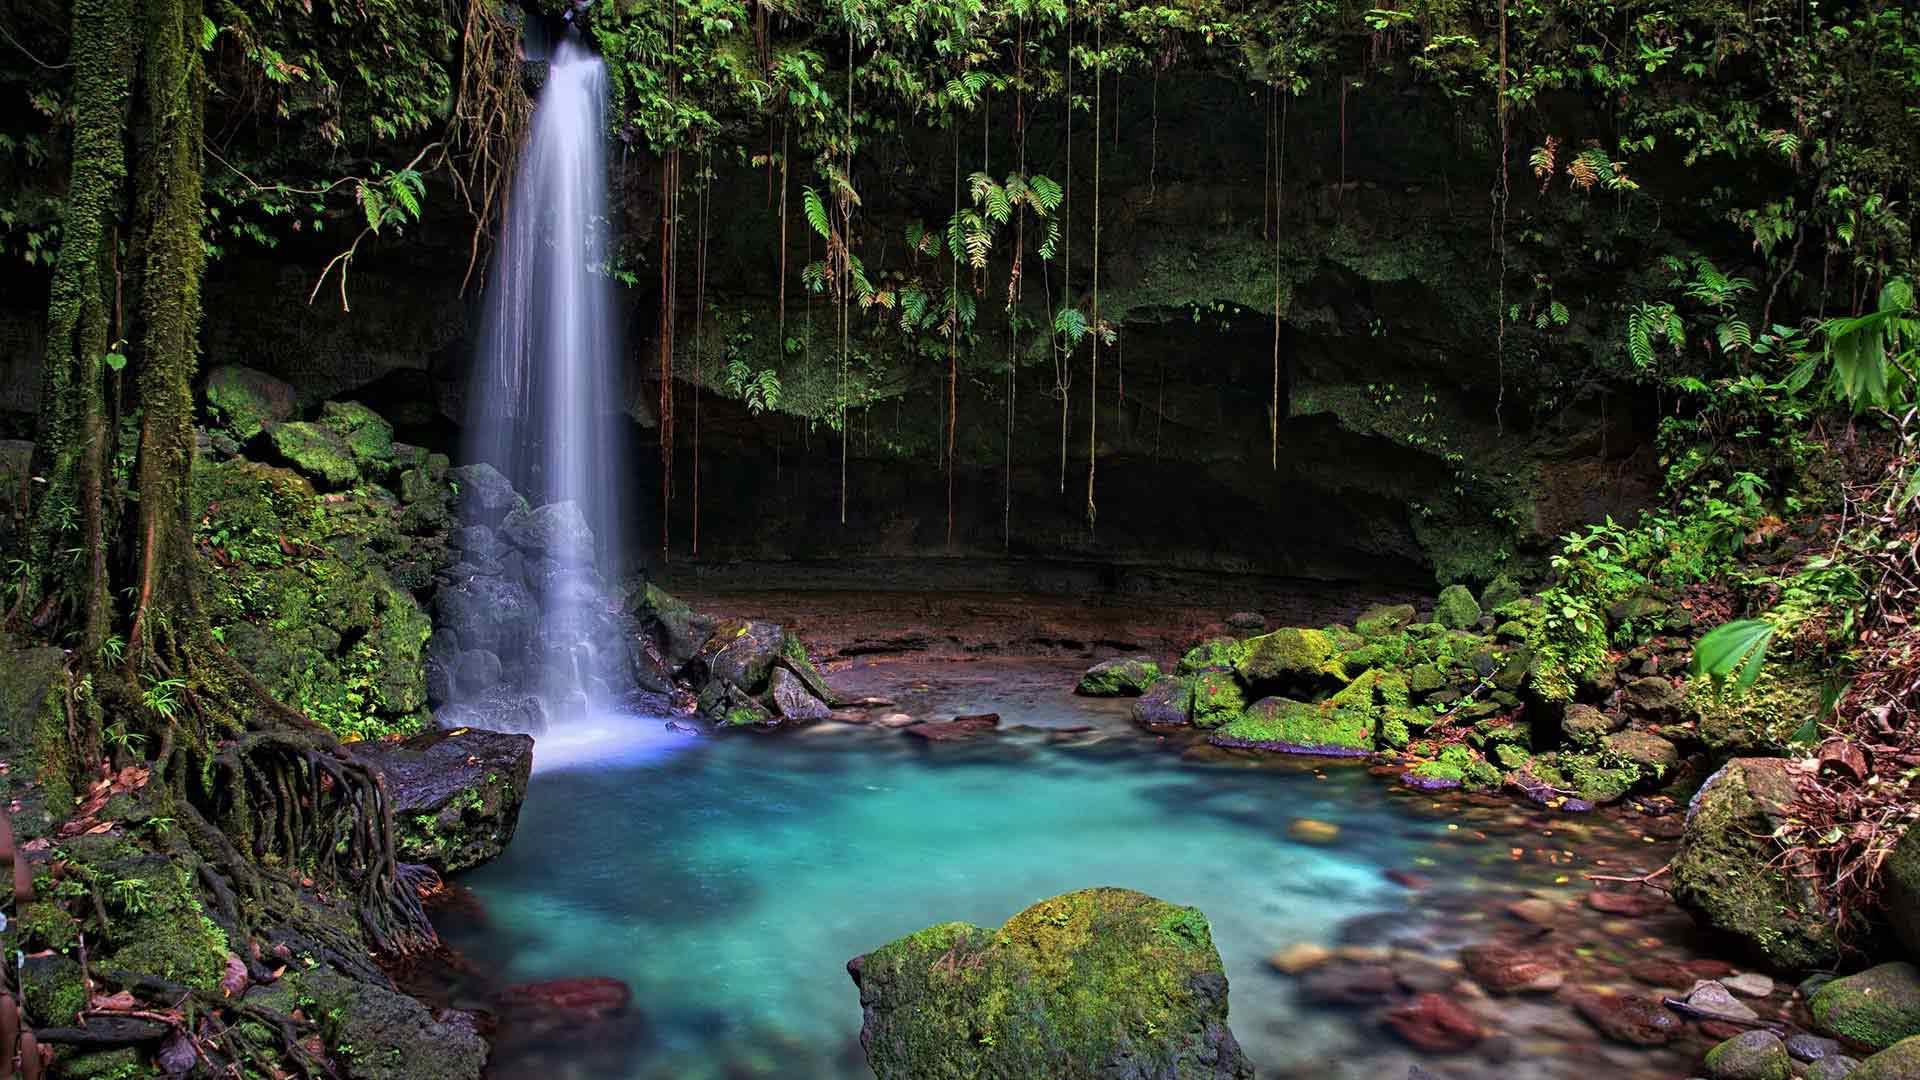 10-melhores-países-para-viajar-esse-ano-2017-dominica Os 10 melhores países para viajar esse ano! (2017)